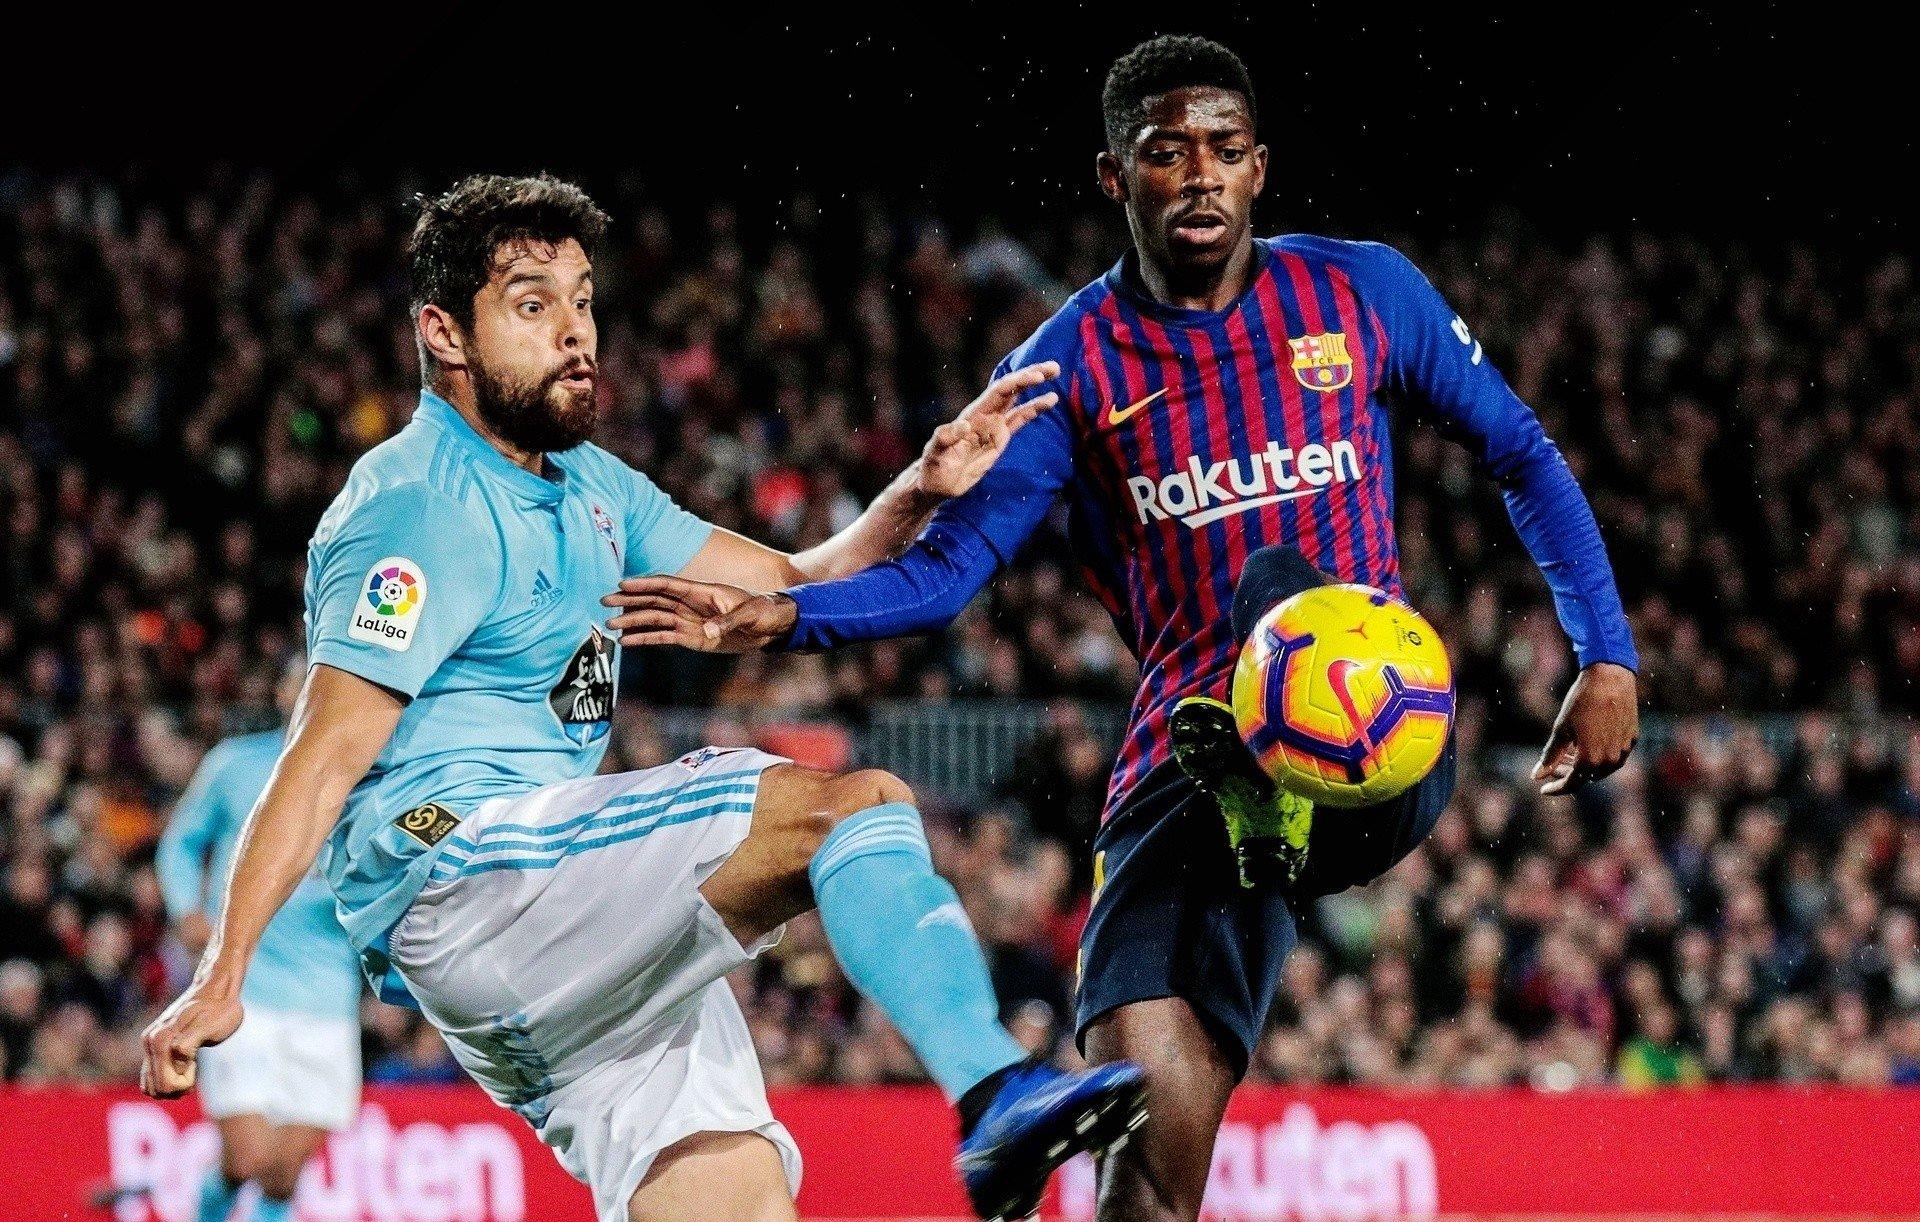 Manchester United chce wypożyczyć Dembele z Barcelony. Francuz jest alternatywą dla Sancho, który prawdopodobnie pozostanie w BVB   Dziennik Polski